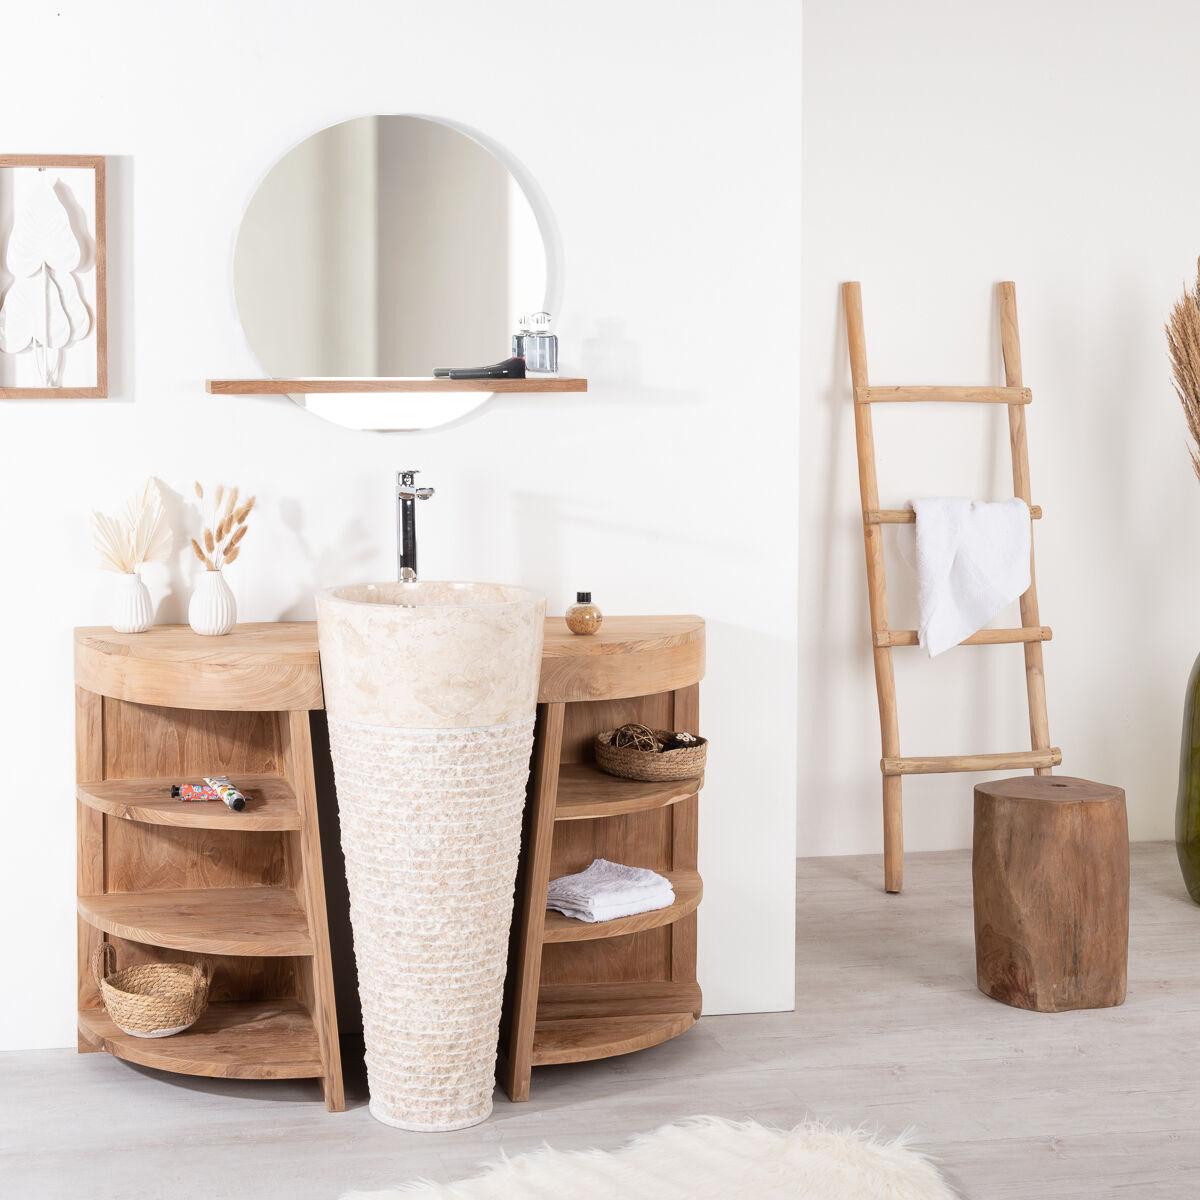 Wanda Collection Meuble de salle de bain en teck Florence 120cm + vasque crème